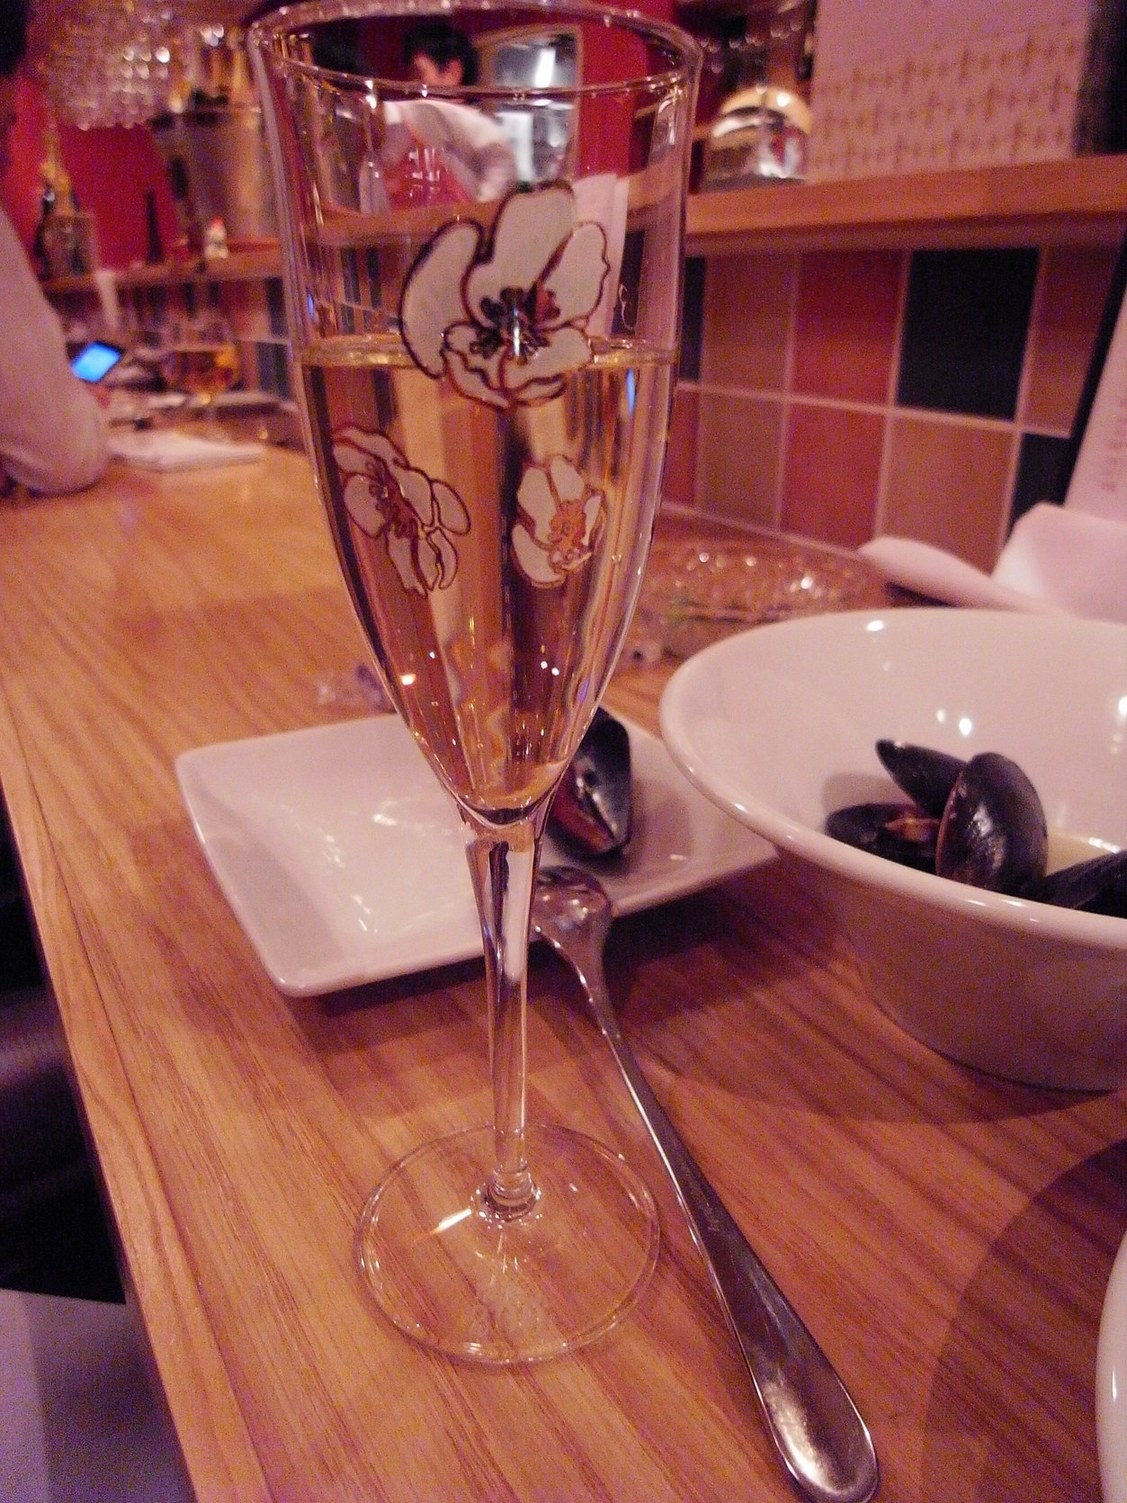 ル・コントワール・ド シャンパン食堂